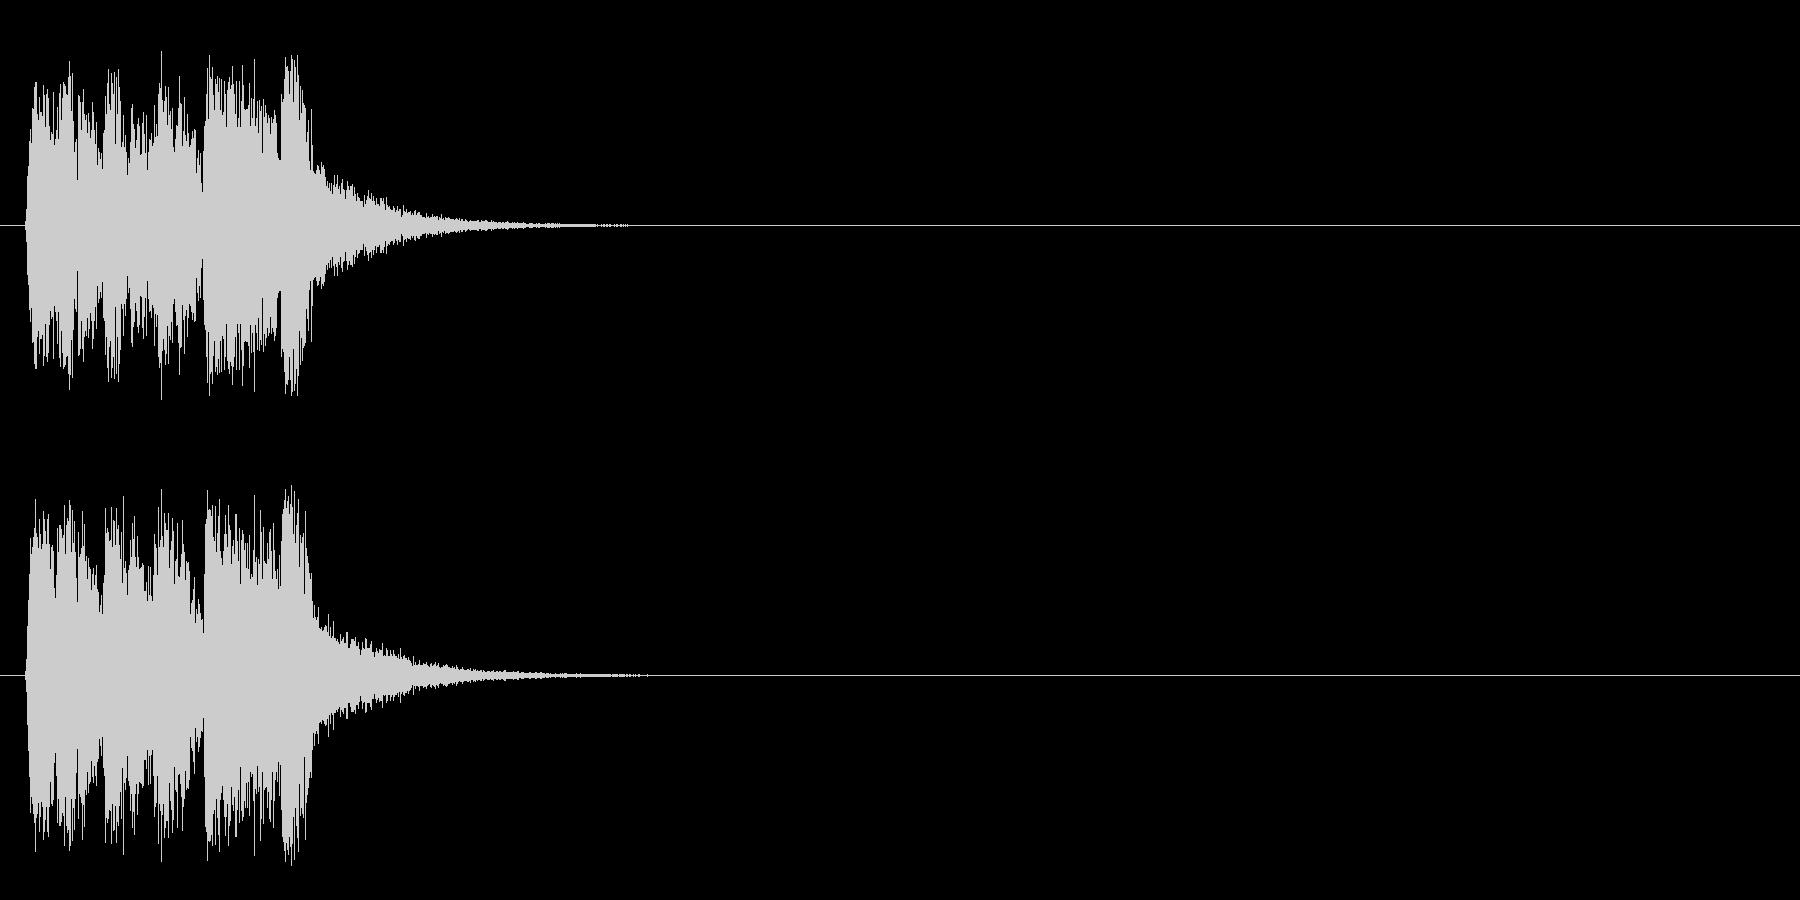 ジングル/ポップ(コーナー・アタック風)の未再生の波形